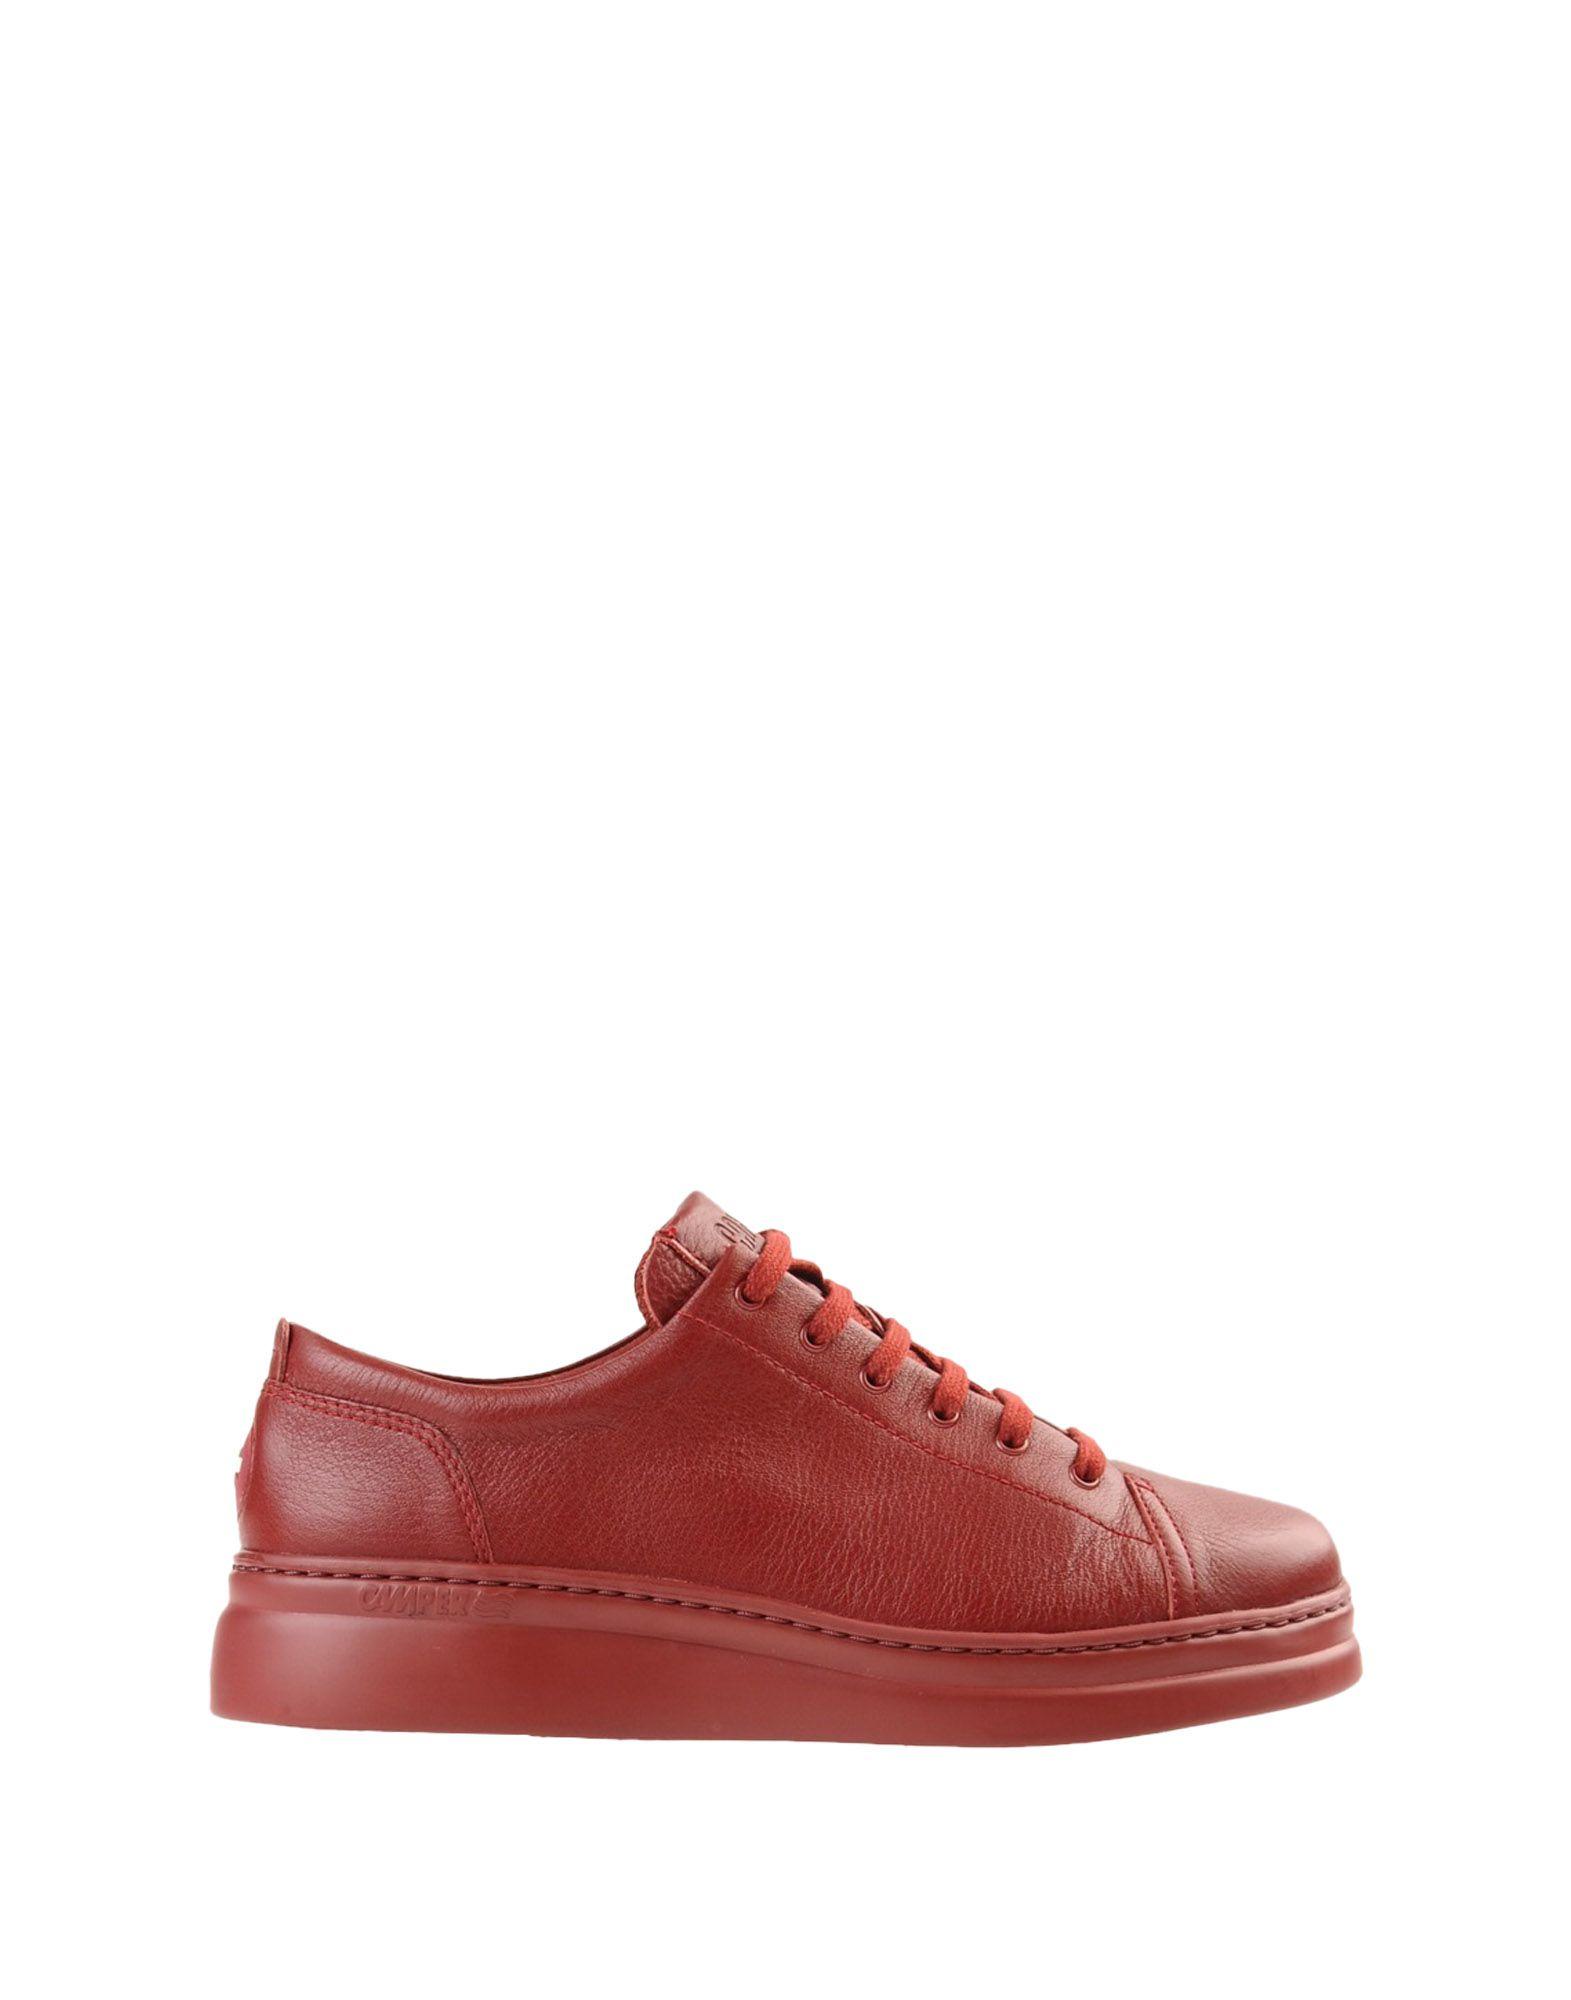 Camper Sneakers  - Women Camper Sneakers online on  Sneakers Australia - 11574597WU ae331d